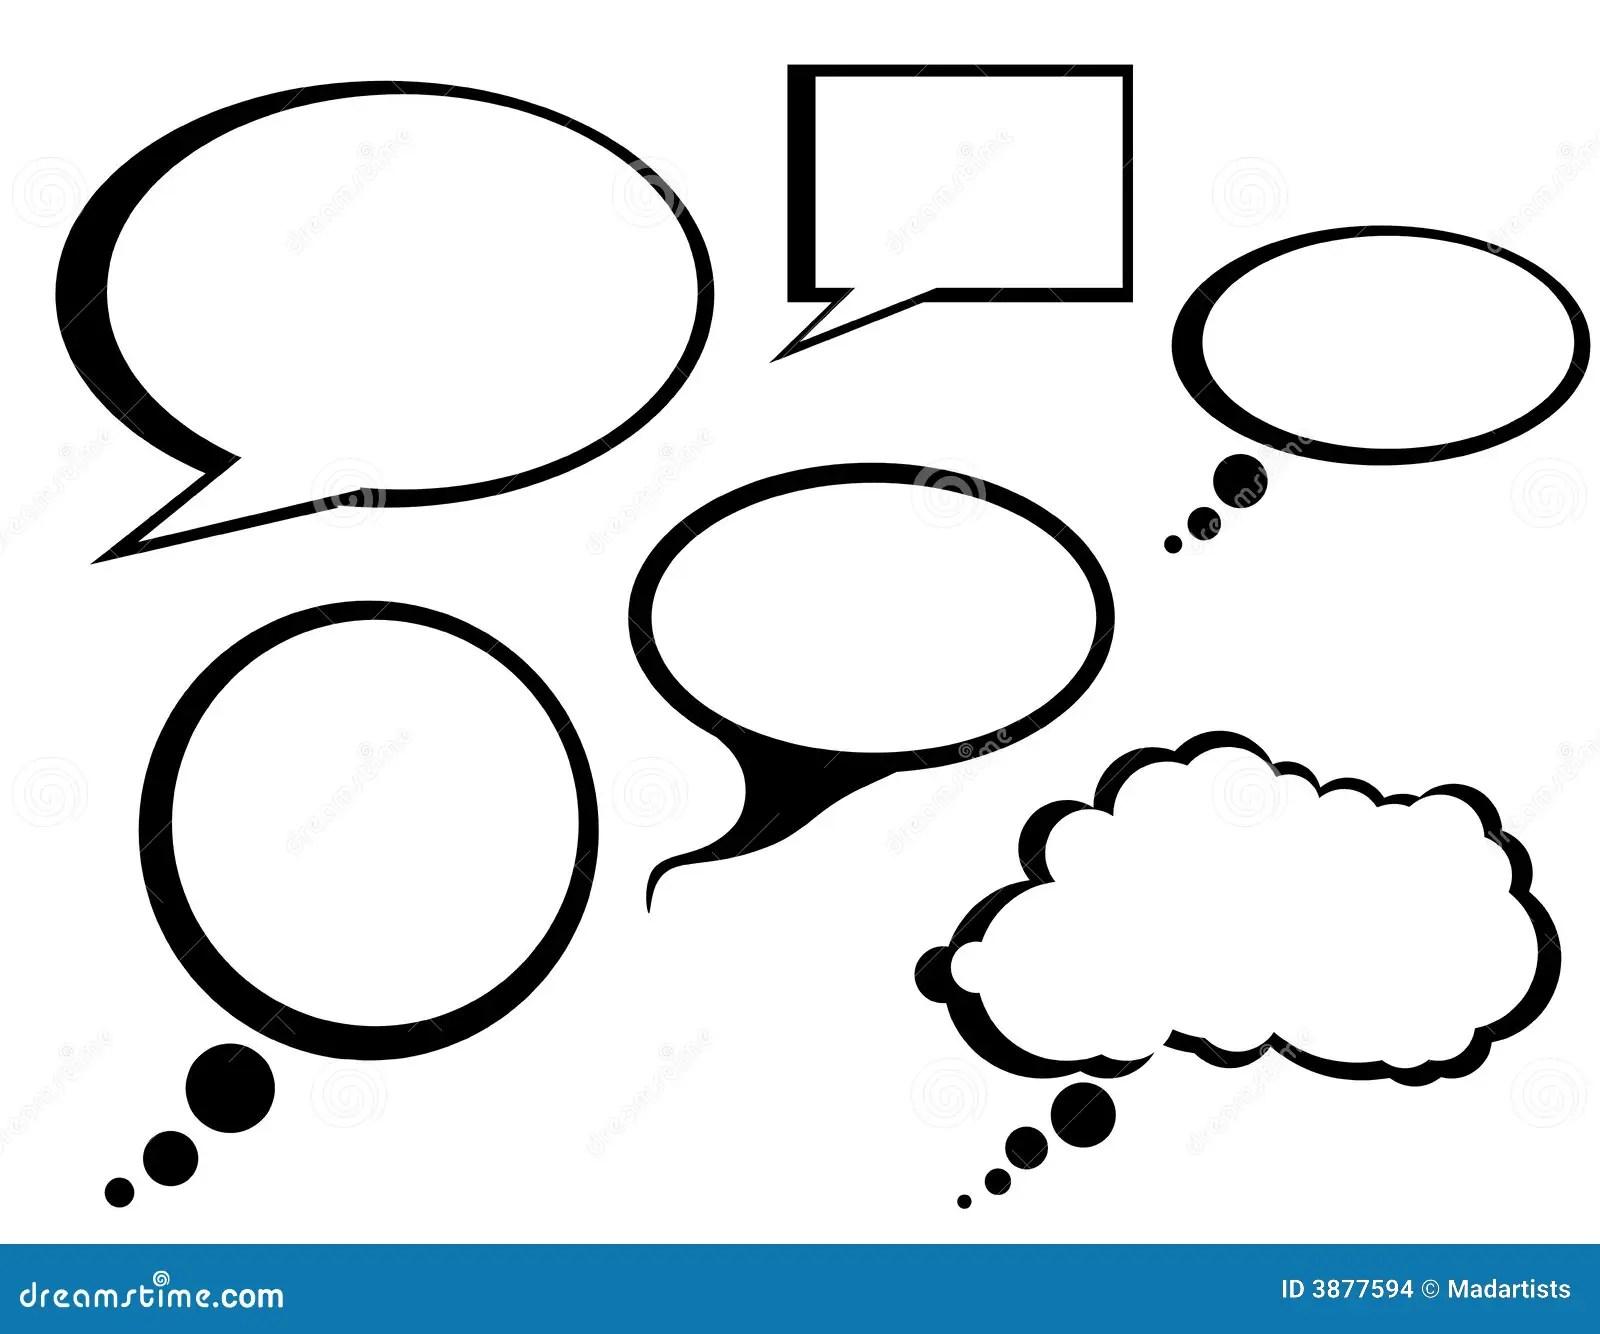 Cartoon Comic Talk Bubbles Clip Art Stock Images